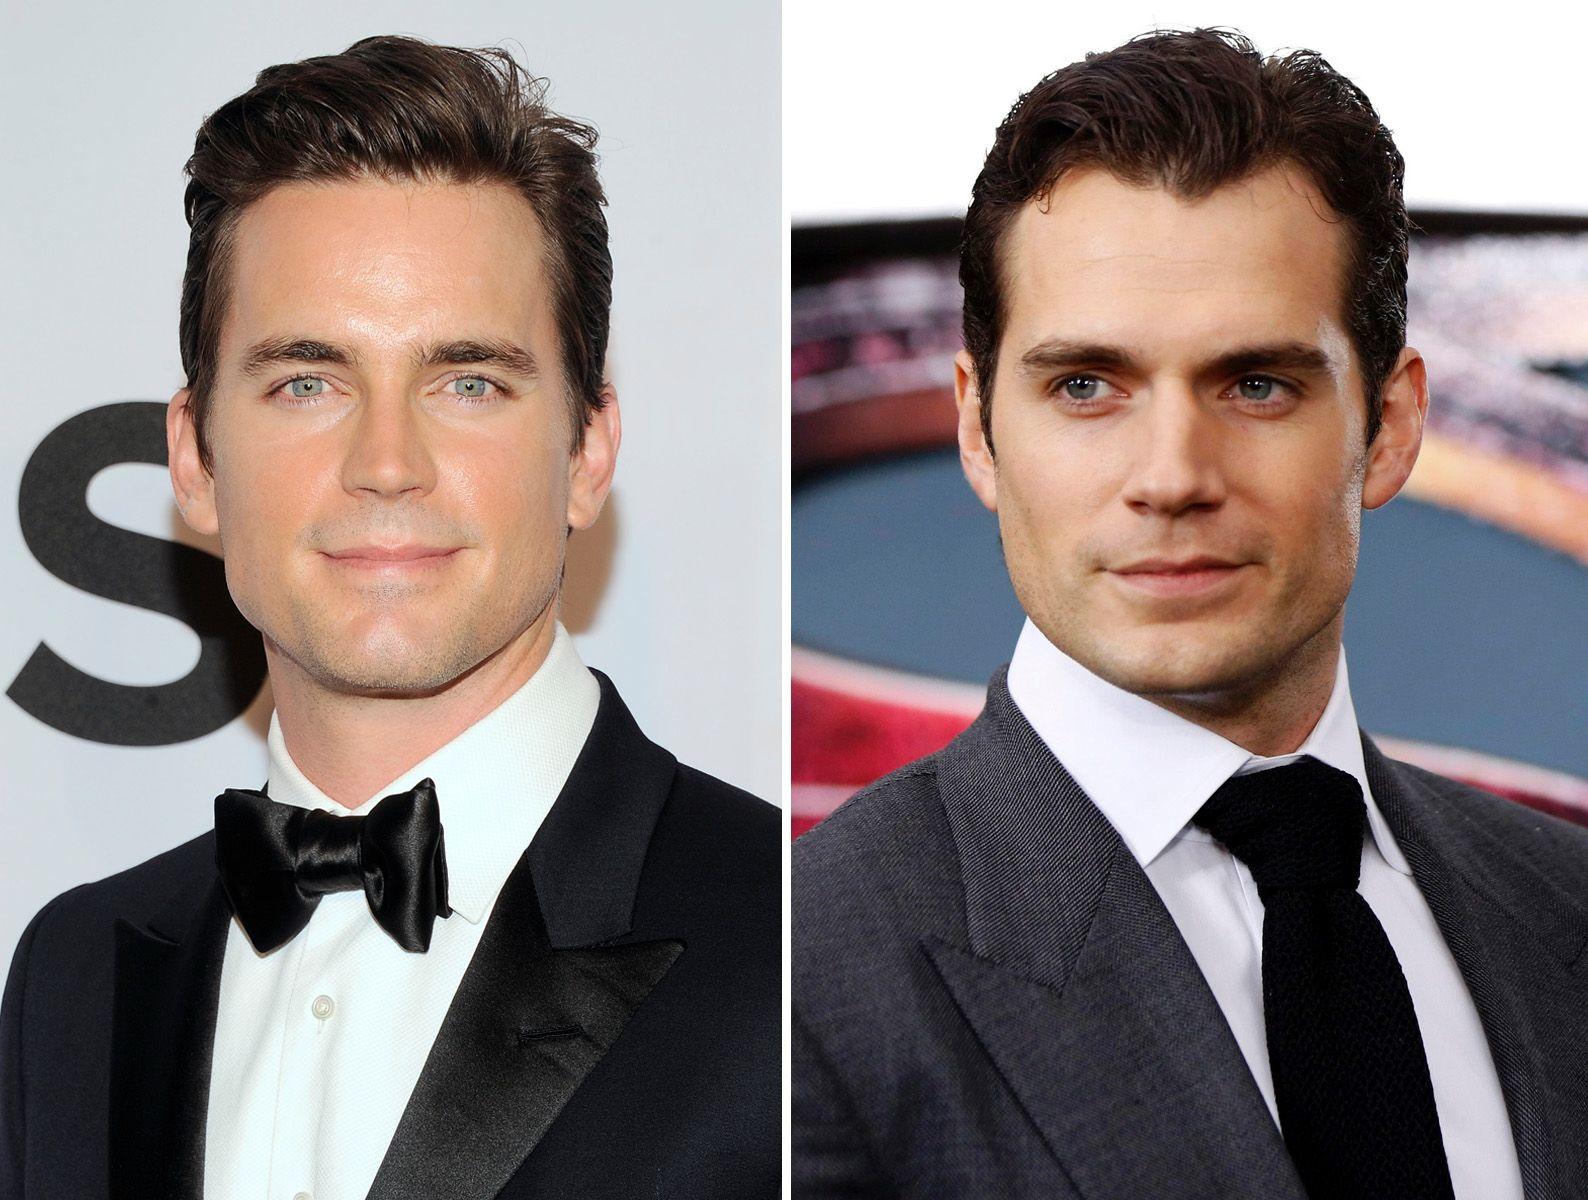 Звезды-двойники: знаменитости, которые невероятно похожи друг на друга - фото 4